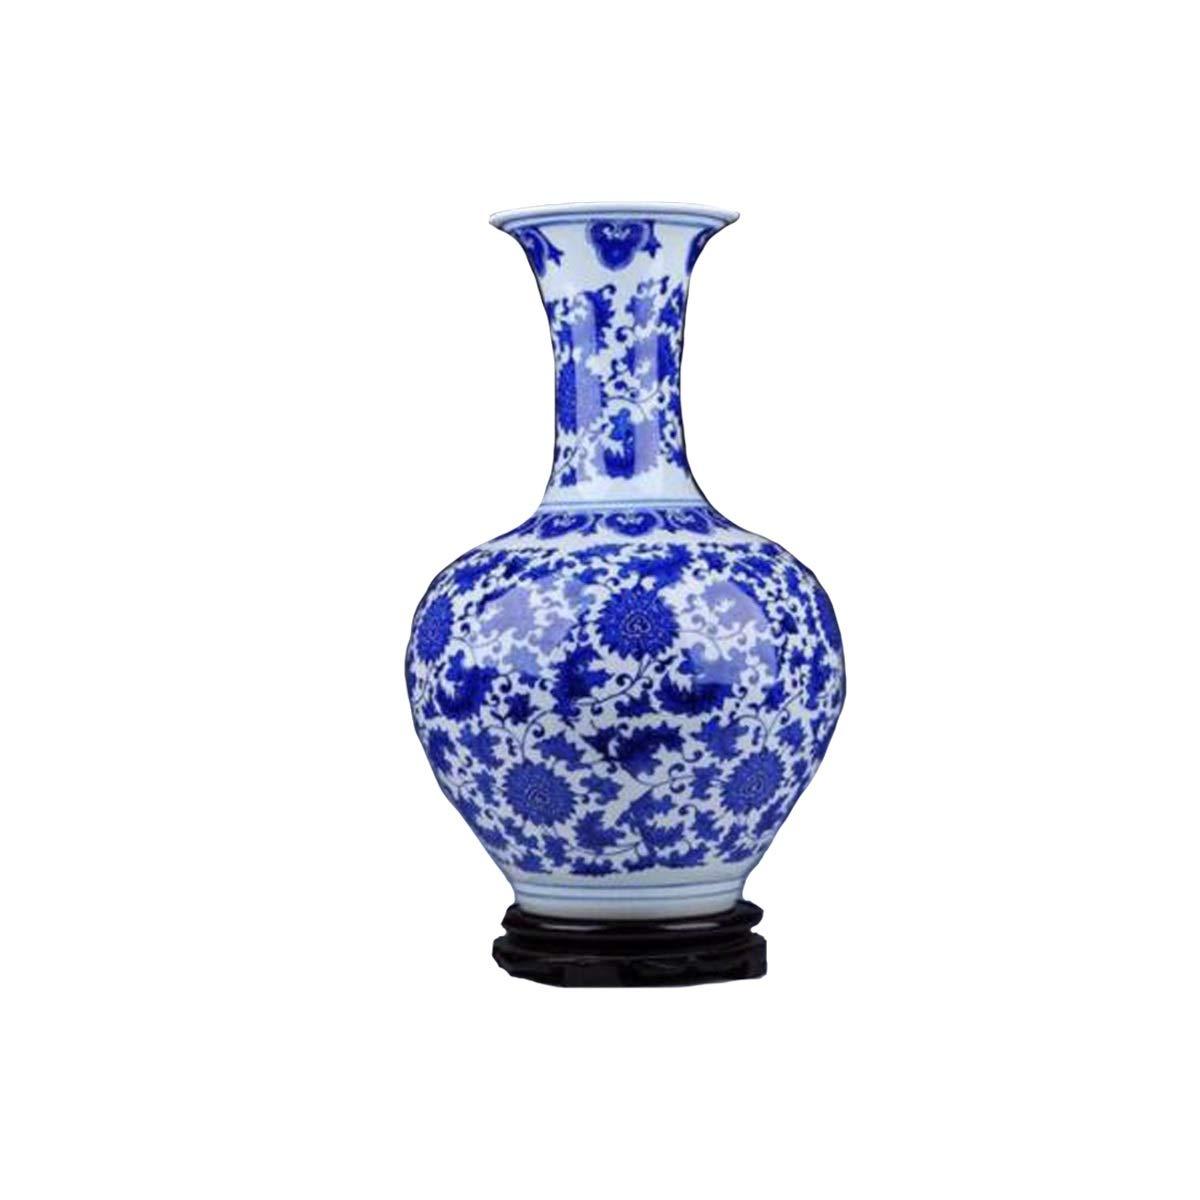 SHENGSHIHUIZHONG 陶磁器の装飾品、景徳鎮セラミックス、高級白黒磁器の花瓶、モダンな家の装飾、家の装飾、ラージ、ボトル、 中華風 (Color : Blue1) B07SQPKS1Q Blue1